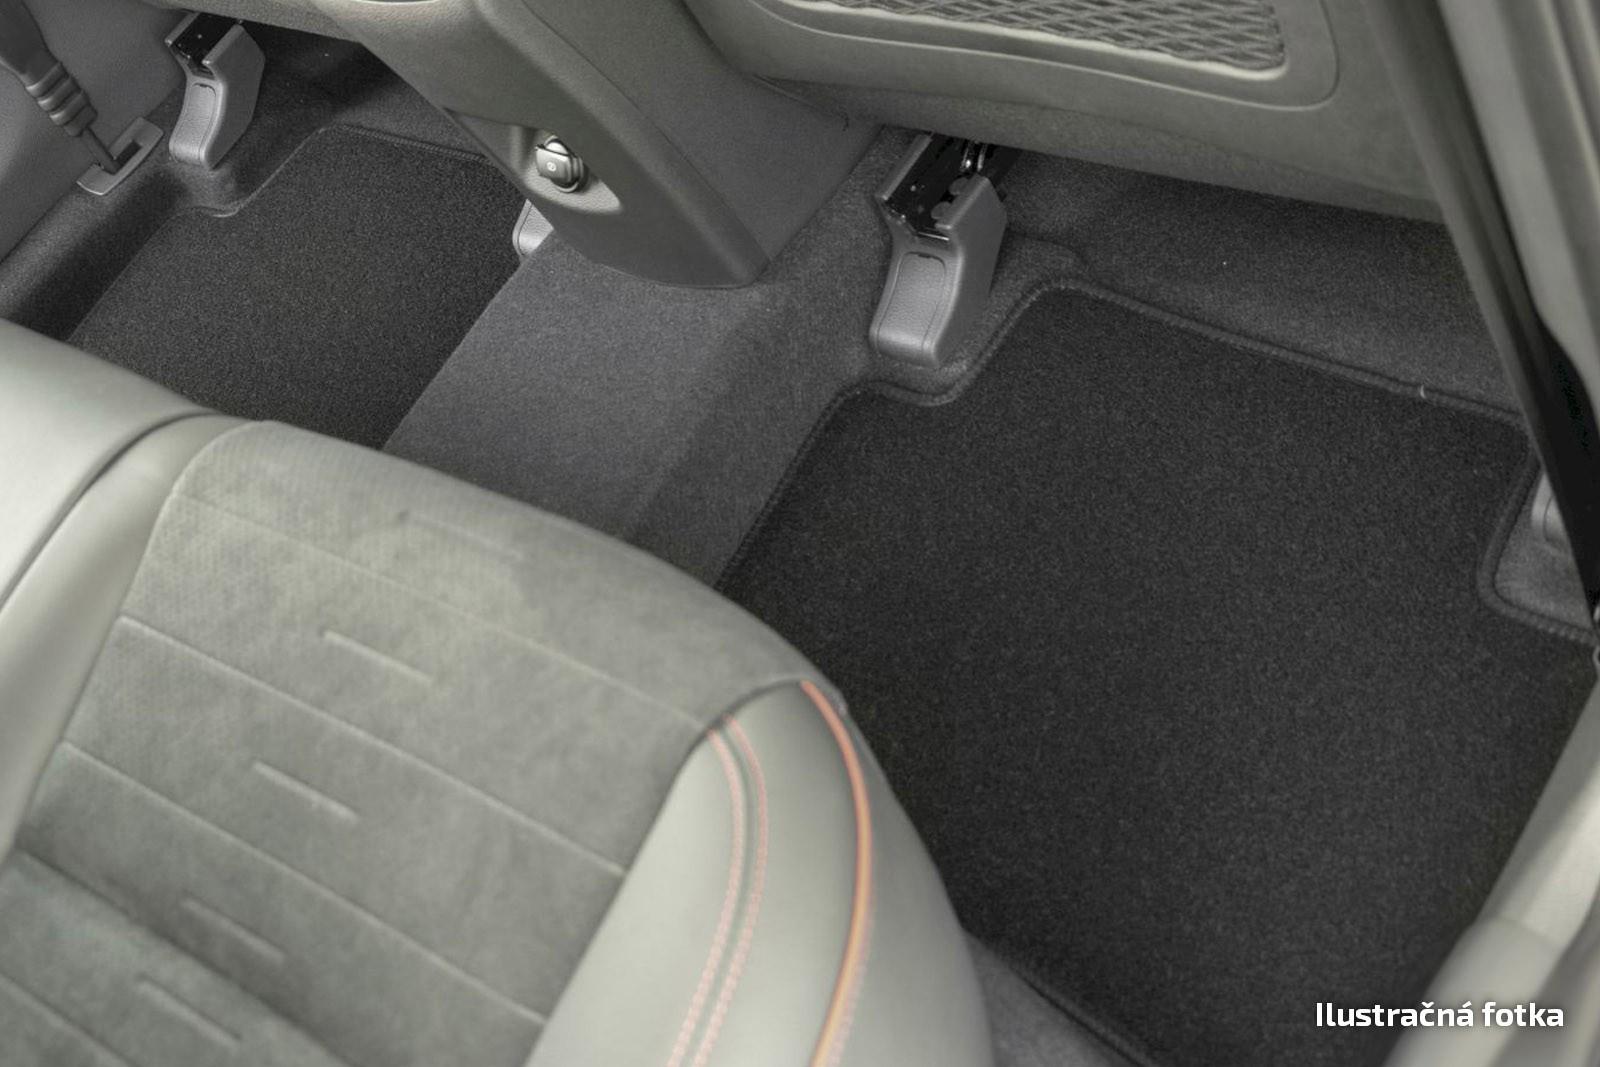 Poza cu Covorase din velur, Suzuki SX4 S-Cross, 2013-